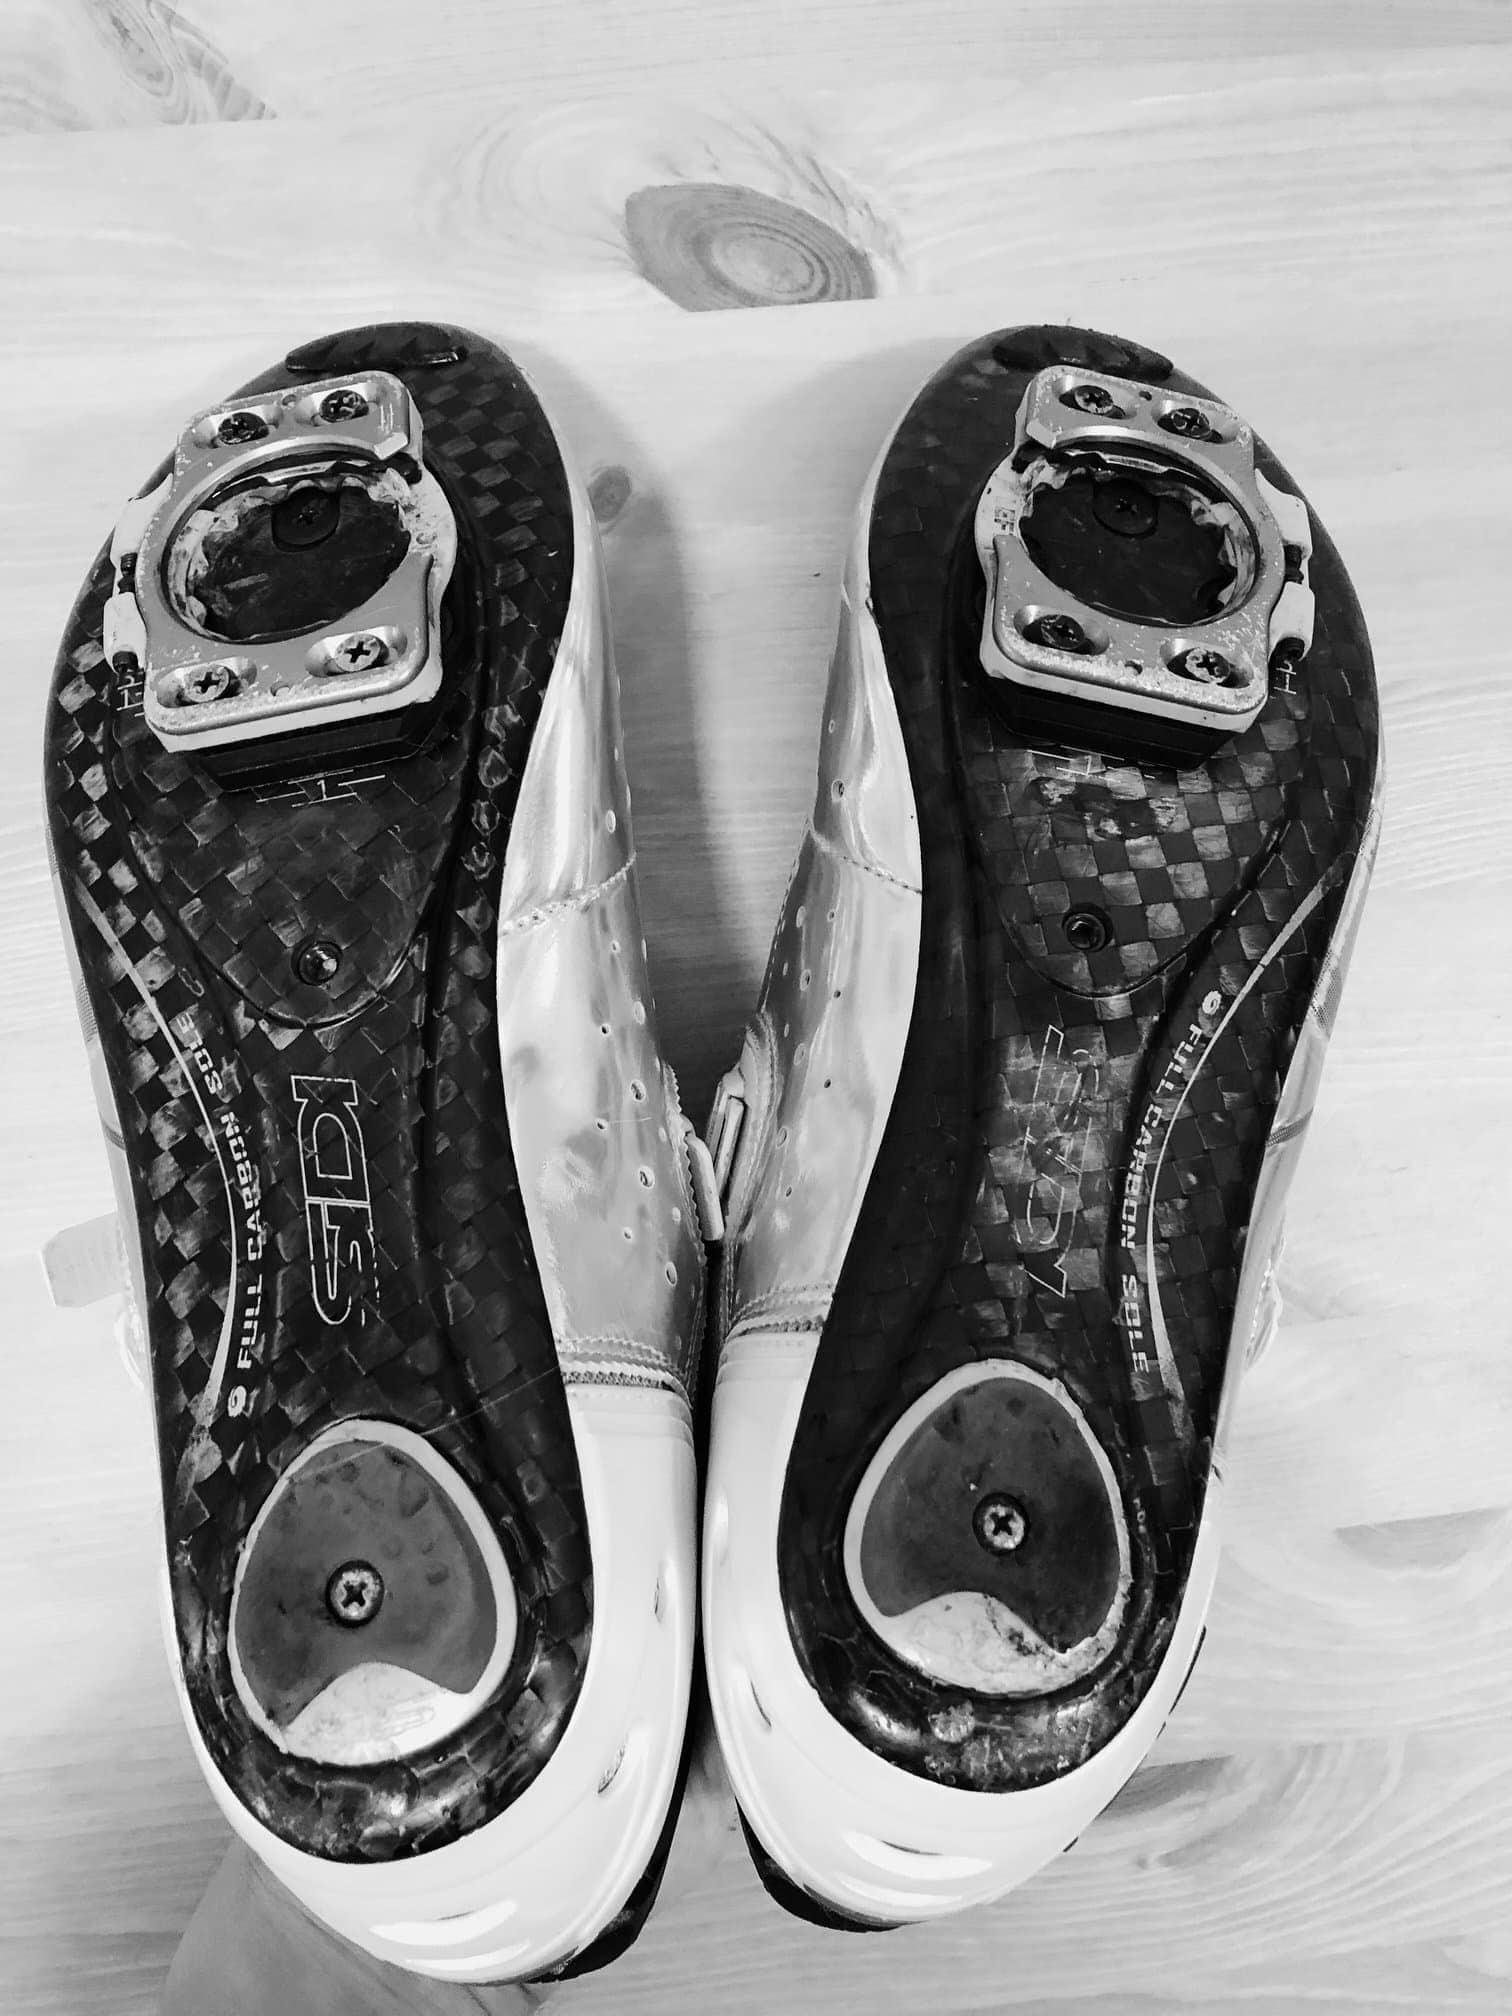 review-prueba-speedplay-zero-chrome-moly-2-blog-de-ciclismo-mooquer